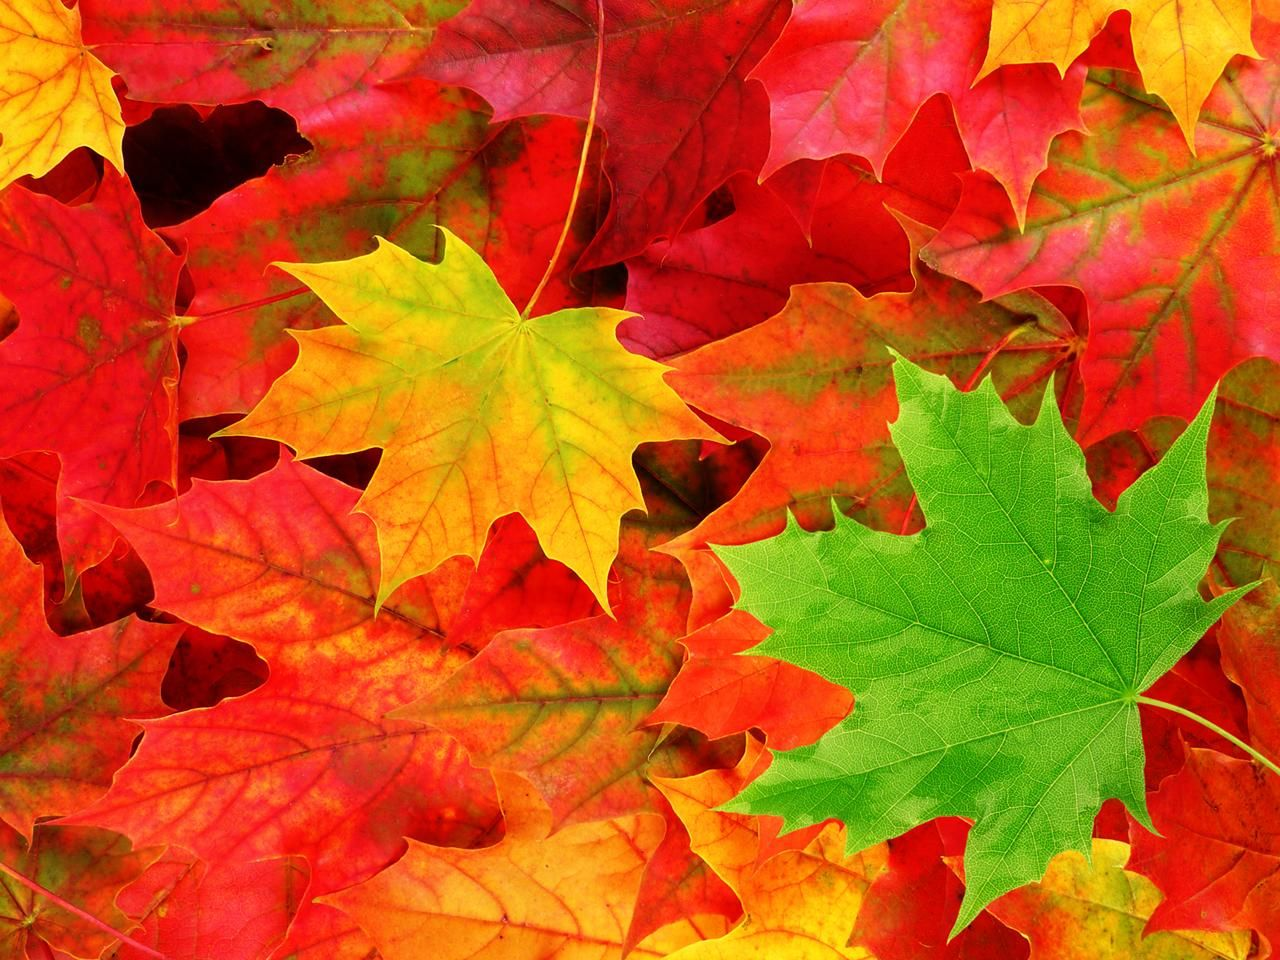 Herbst kostenlos bilder whatsapp Herbstbilder Für